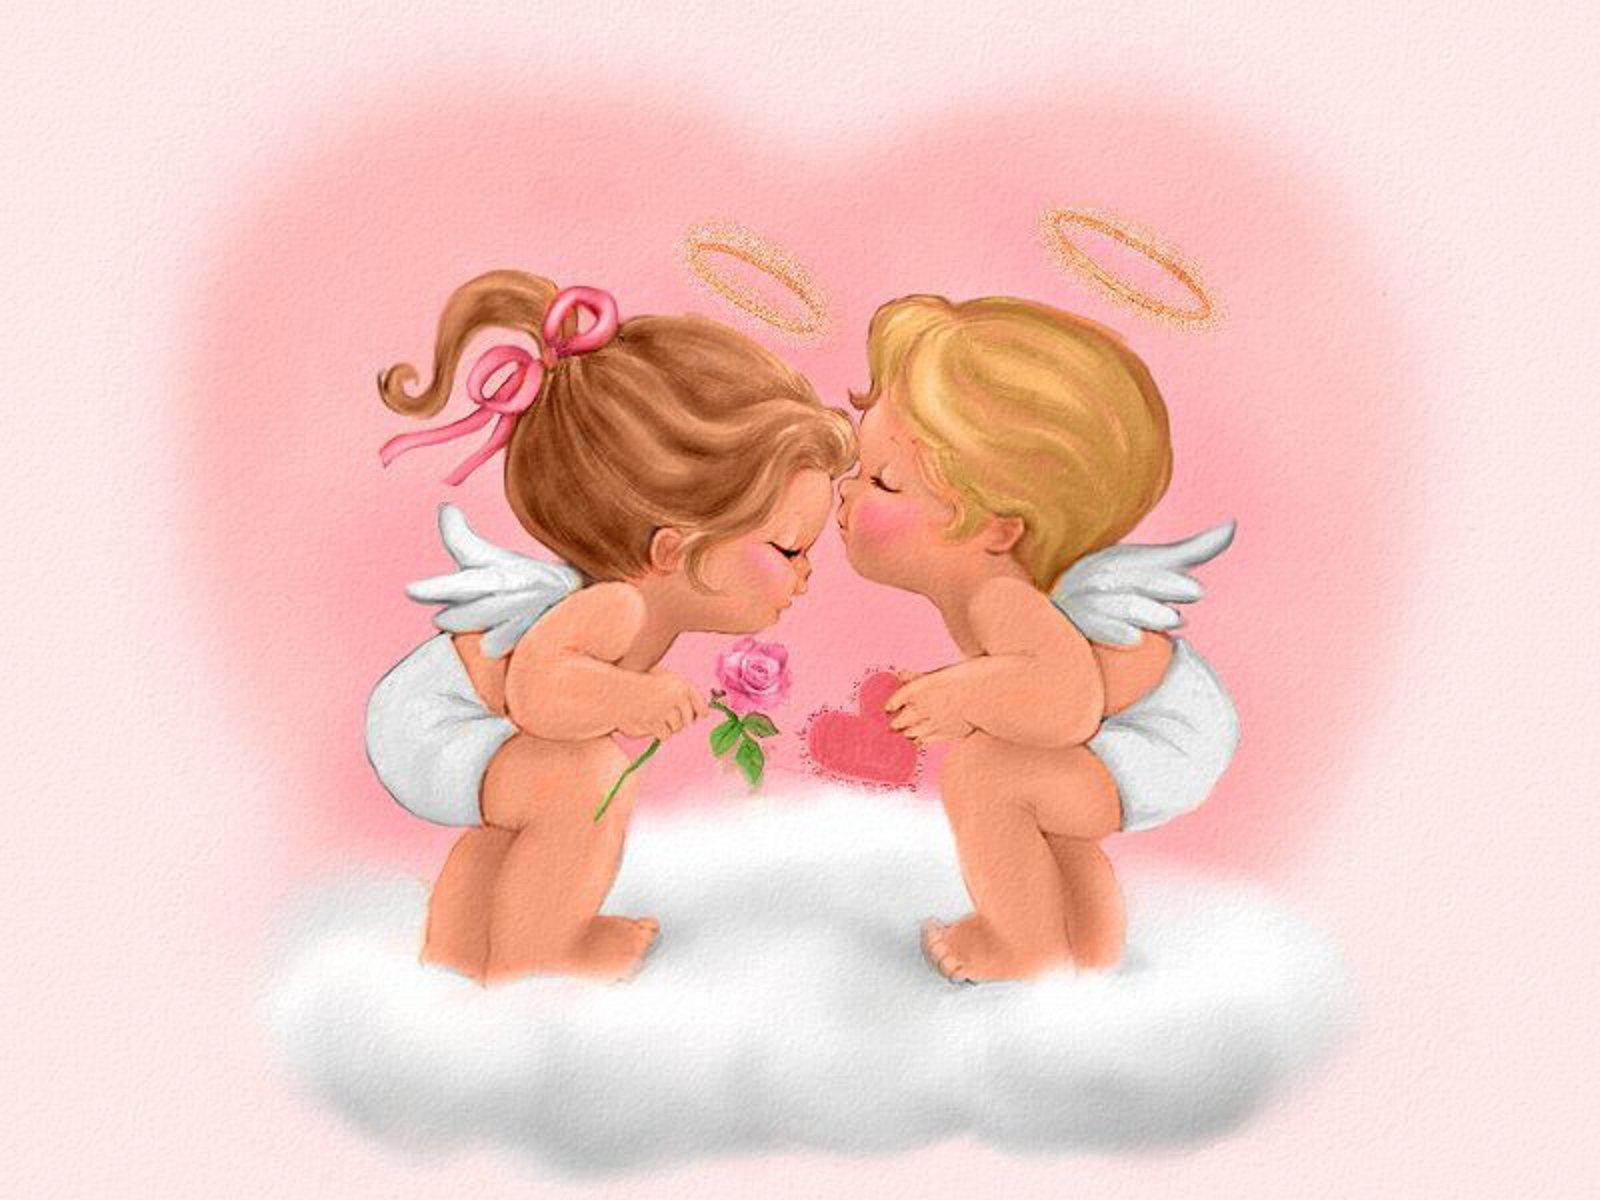 Фото ангелина валентайн качать 20 фотография